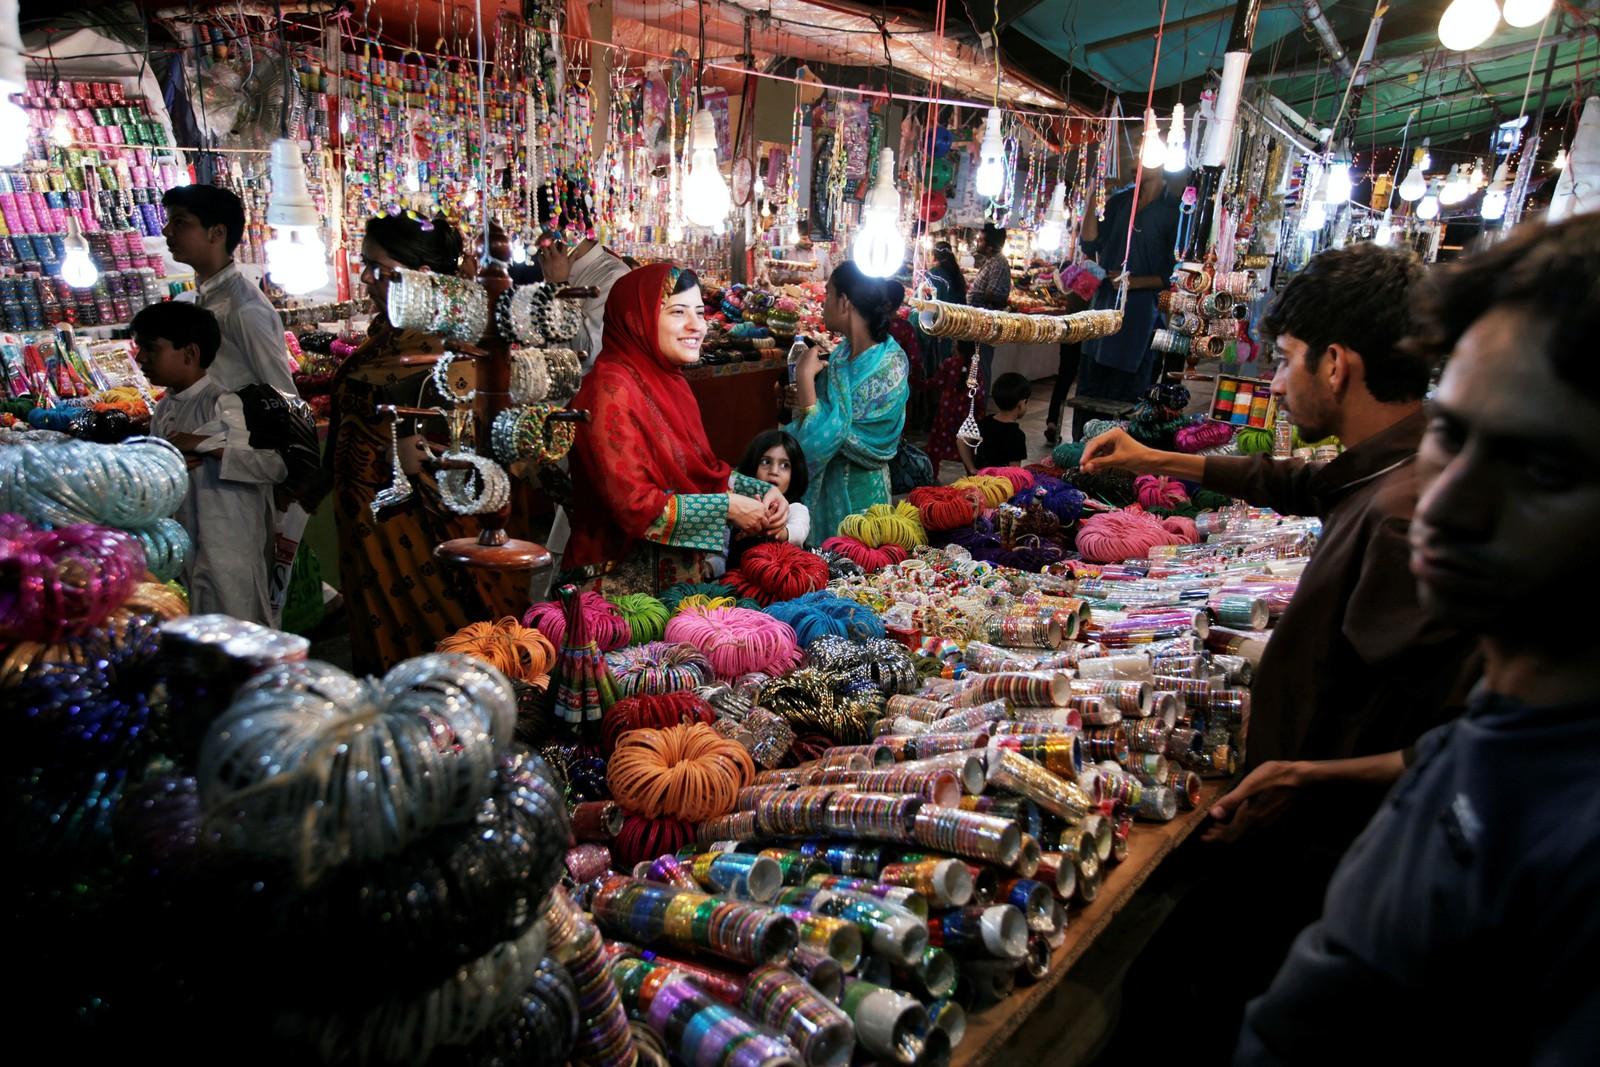 ISLAMABAD: En kvinne kjøper armbånd før feiringen av Eid al-Fitr i Islamabad i Pakistan.